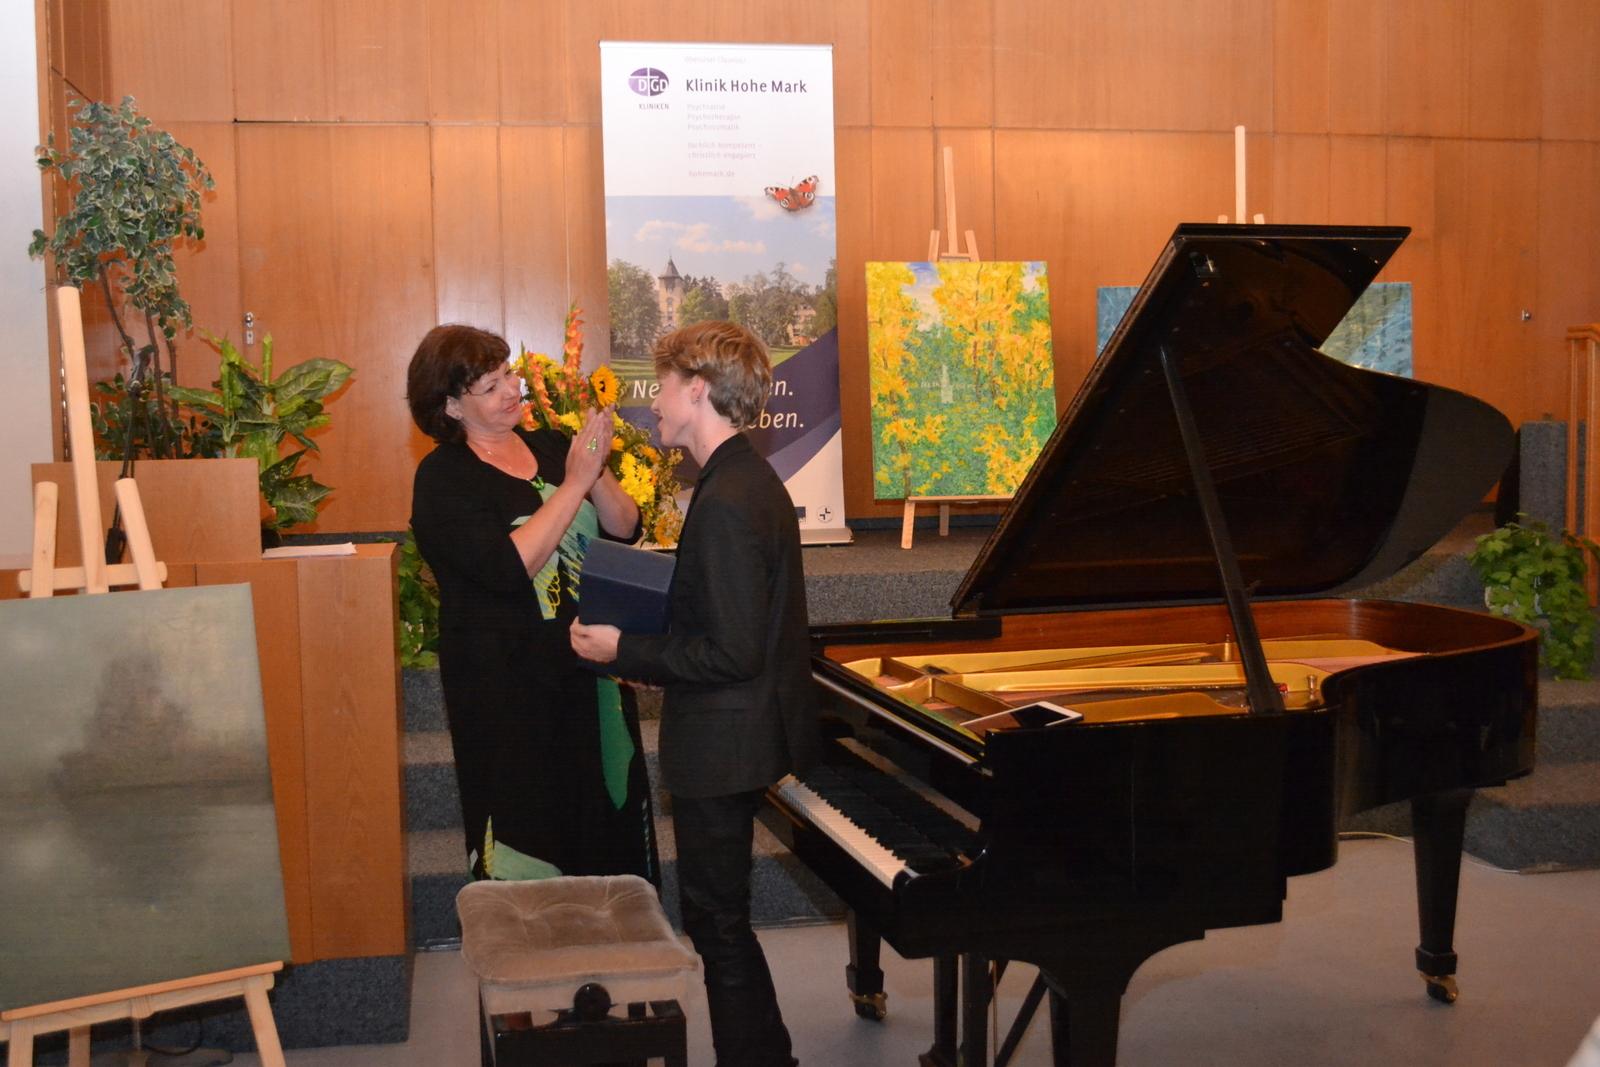 Dank von Krankenhausdirektorin Anke Berger-Schmitt Dank von Dr. Hans-Werner Dildei